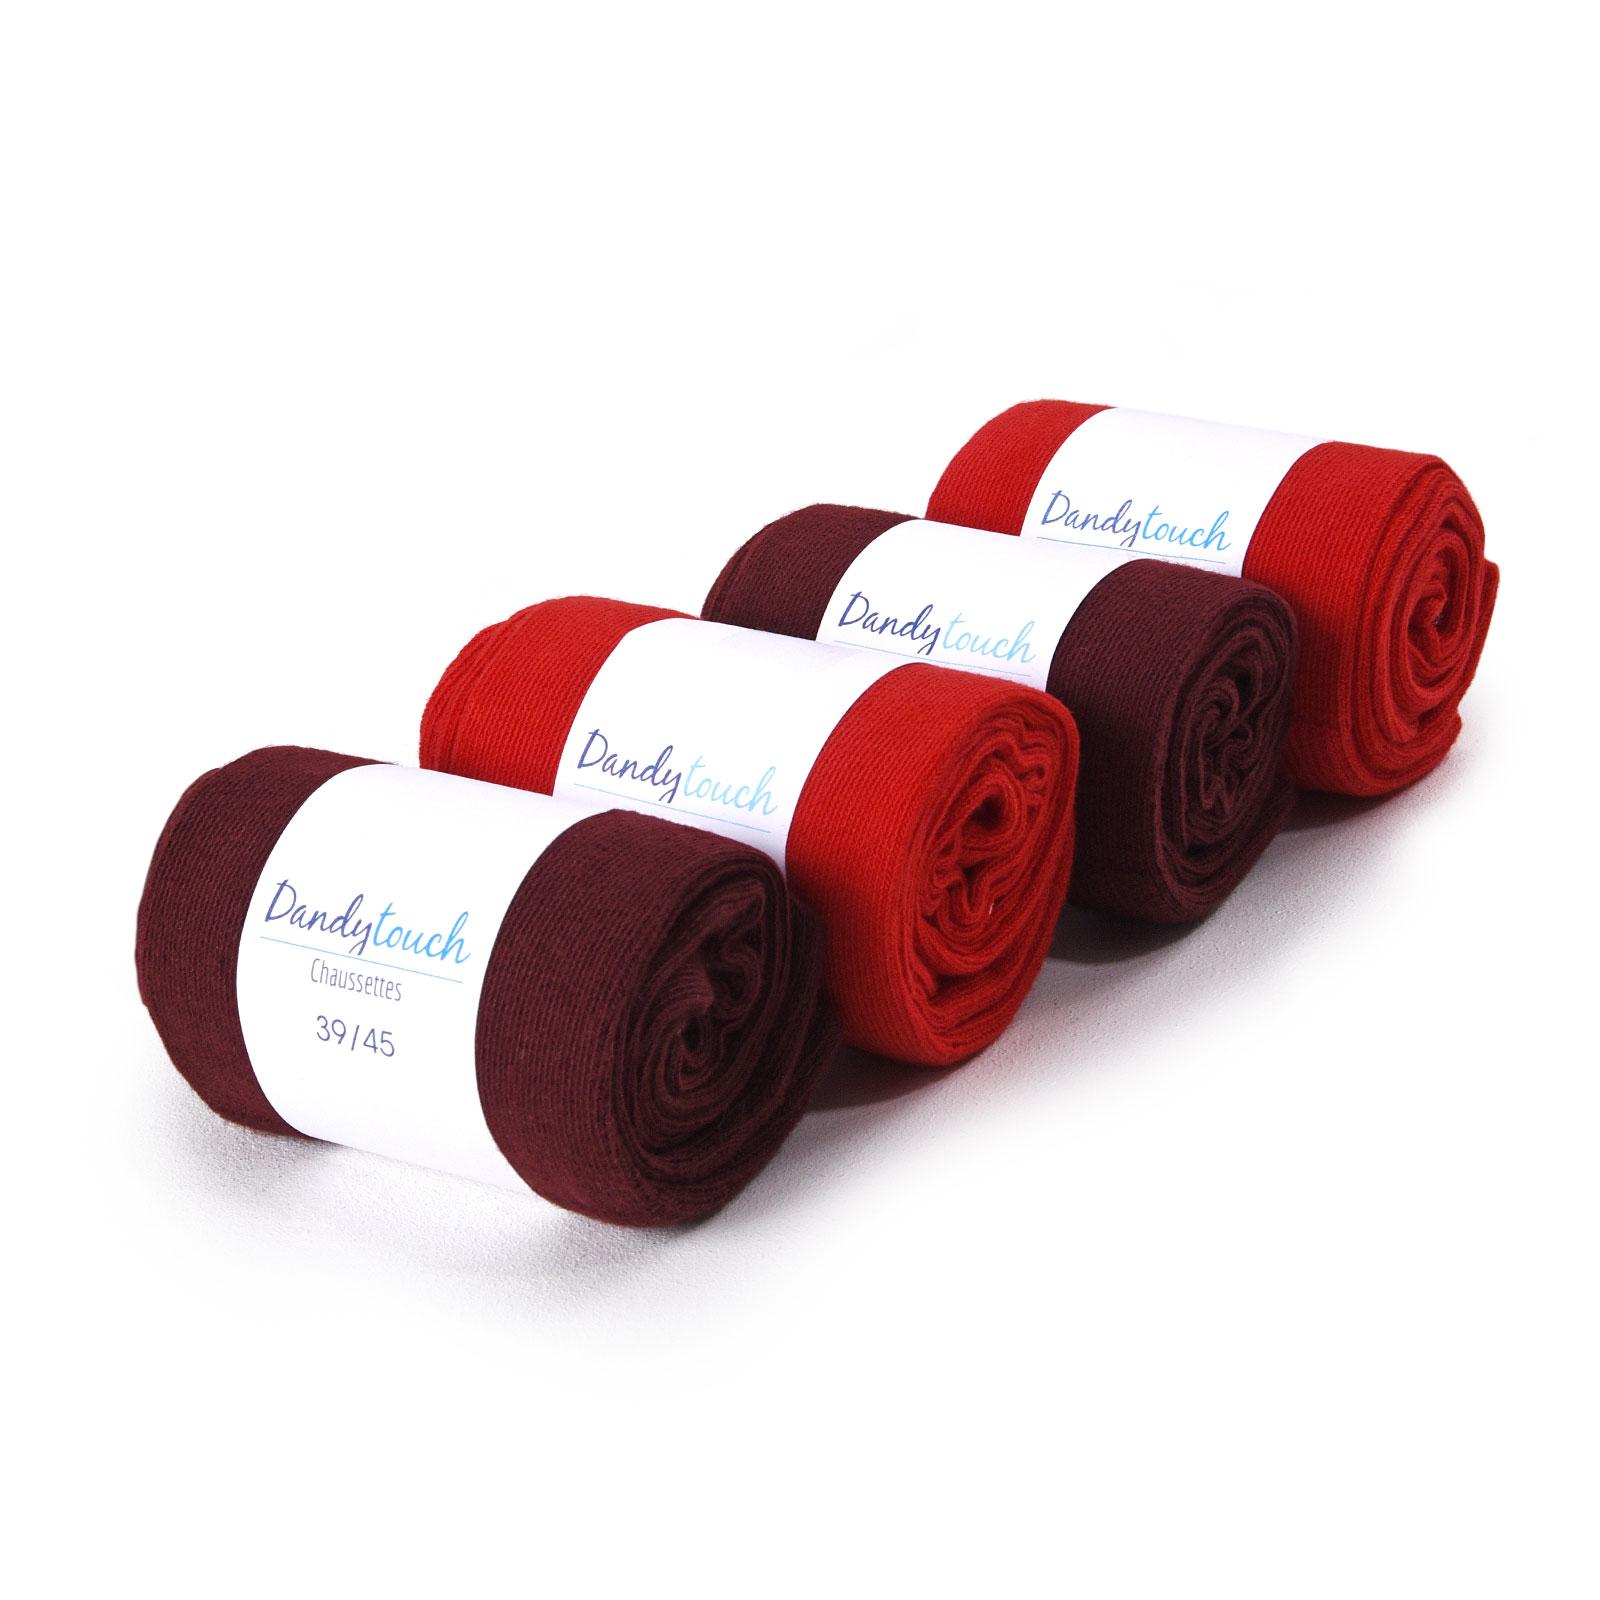 PK-00002-bordeaux-rouge-F16-lot-4-paires-chaussettes-